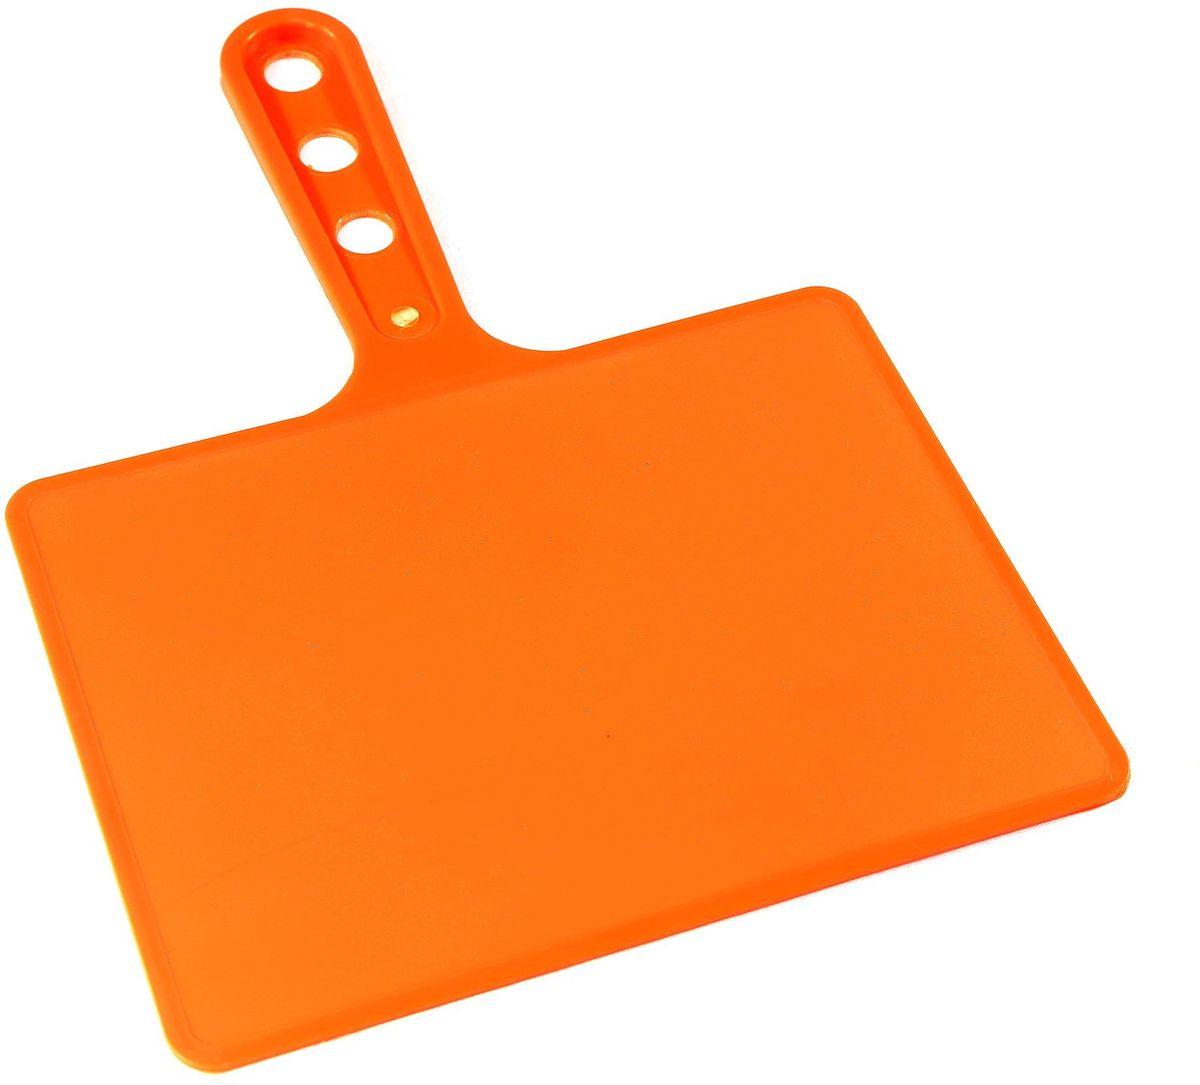 Веер для мангала BG, цвет: оранжевый. 150181150181-О, оранжевыйВеер для мангала BG предназначен для раздува углей в мангале. Изготовлен из высококачественного пластика (ПЭНД), одна сторона - глянец, вторая - шагрень. Ручка имеет 3 отверстия. Можно использовать как разделочную доску для мяса, нарезки овощей или хлеба.Рабочая поверхность выполнена в виде прямоугольника, размер: 197 х 148 мм.